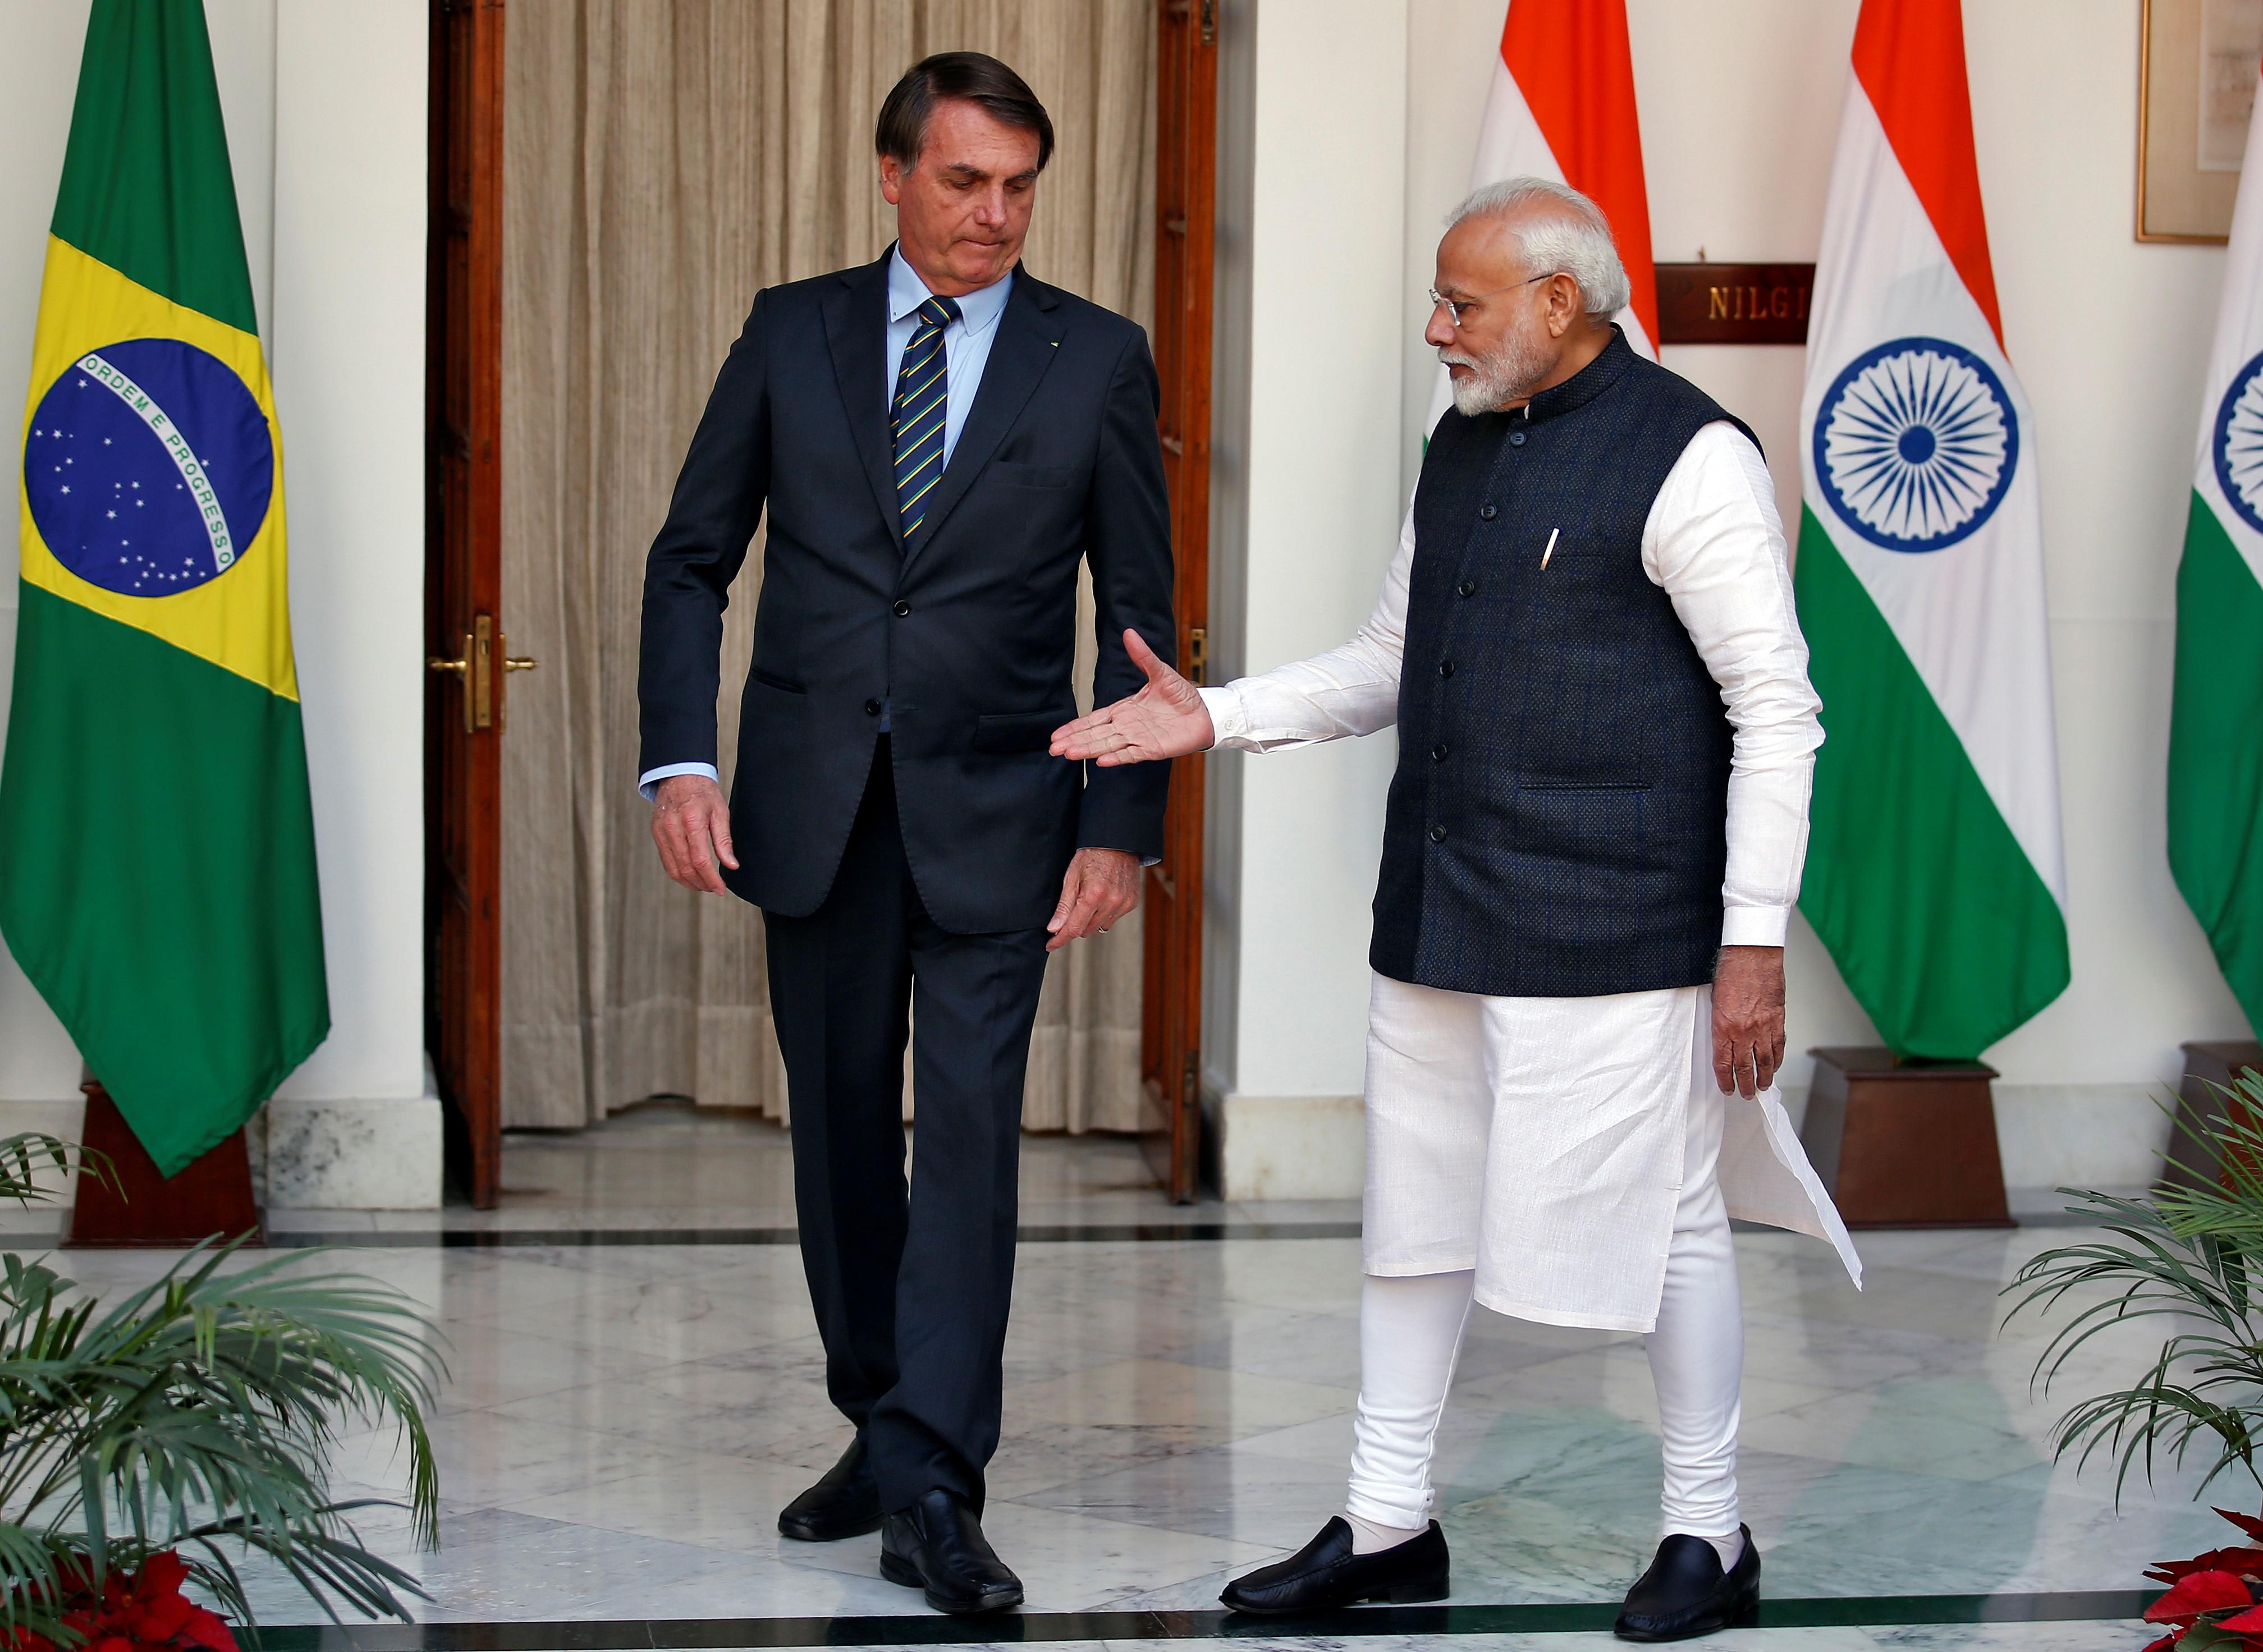 Brasil e Índia assinam acordos nas áreas de segurança cibernética, biocombustíveis e ciência